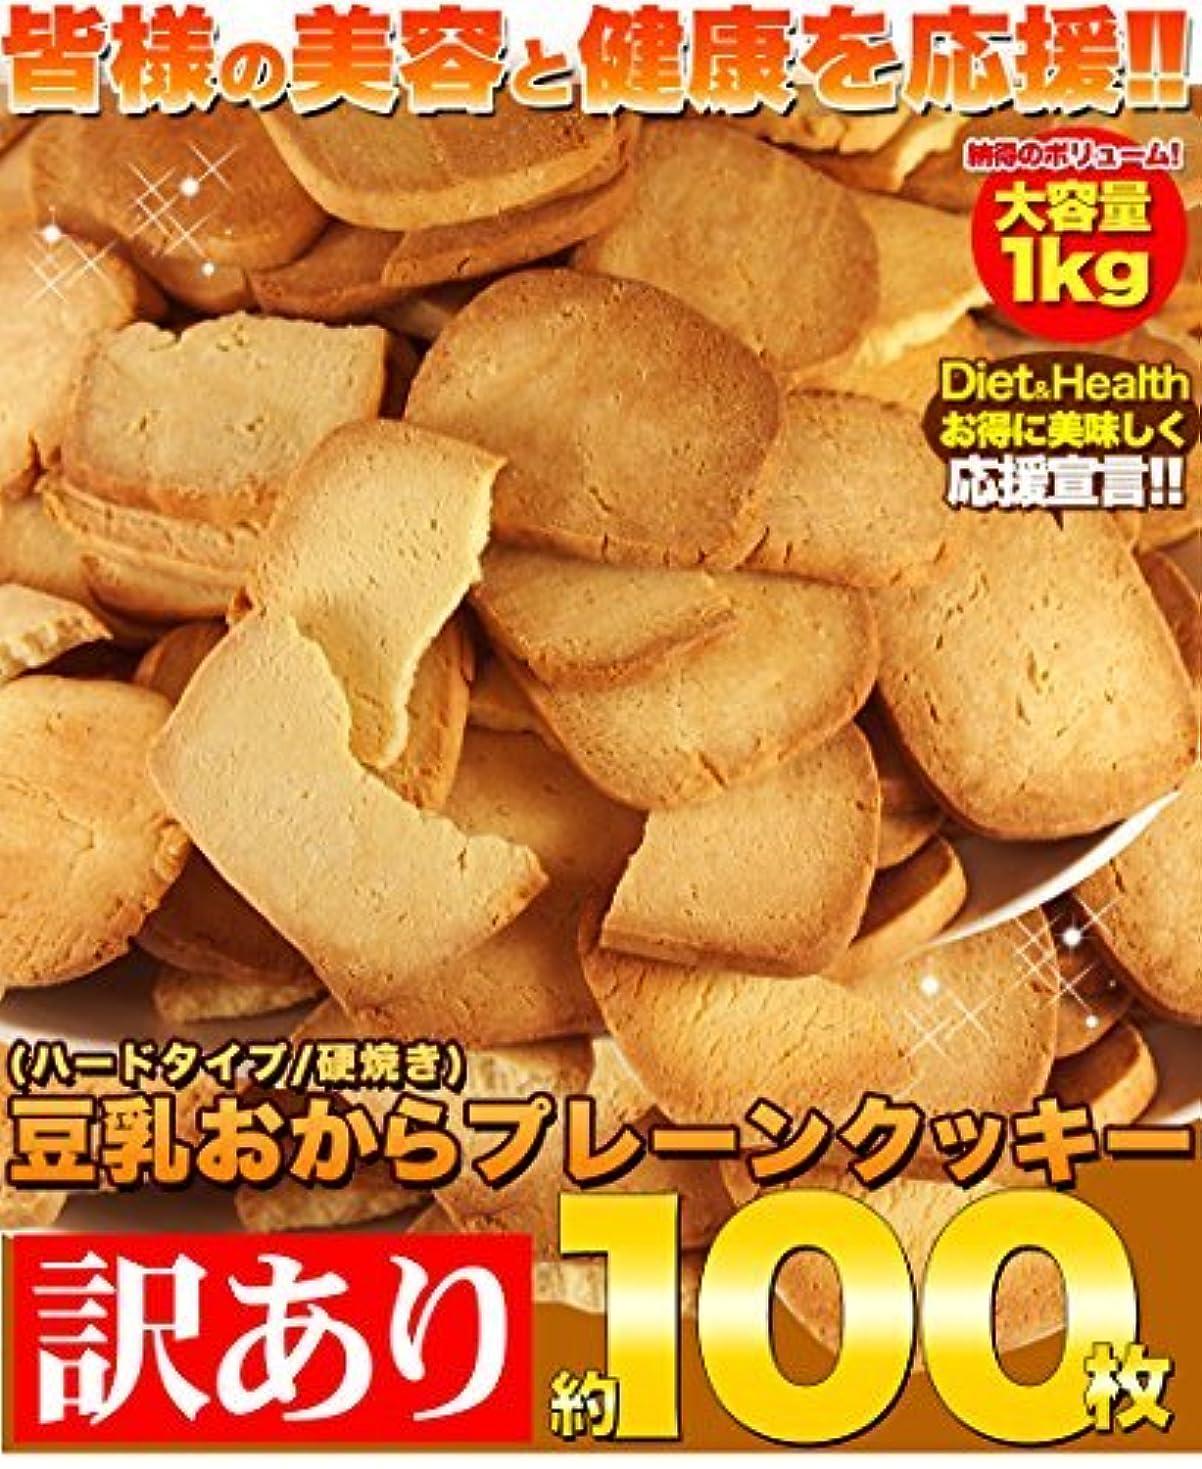 革命歴史ジーンズアレンジ次第でダイエットが楽しくなる!プレーンタイプの豆乳おからクッキーが約100枚入って1kg入り!  業界最安値に挑戦!【訳あり】固焼き☆豆乳おからクッキープレーン約100枚1kg?常温?